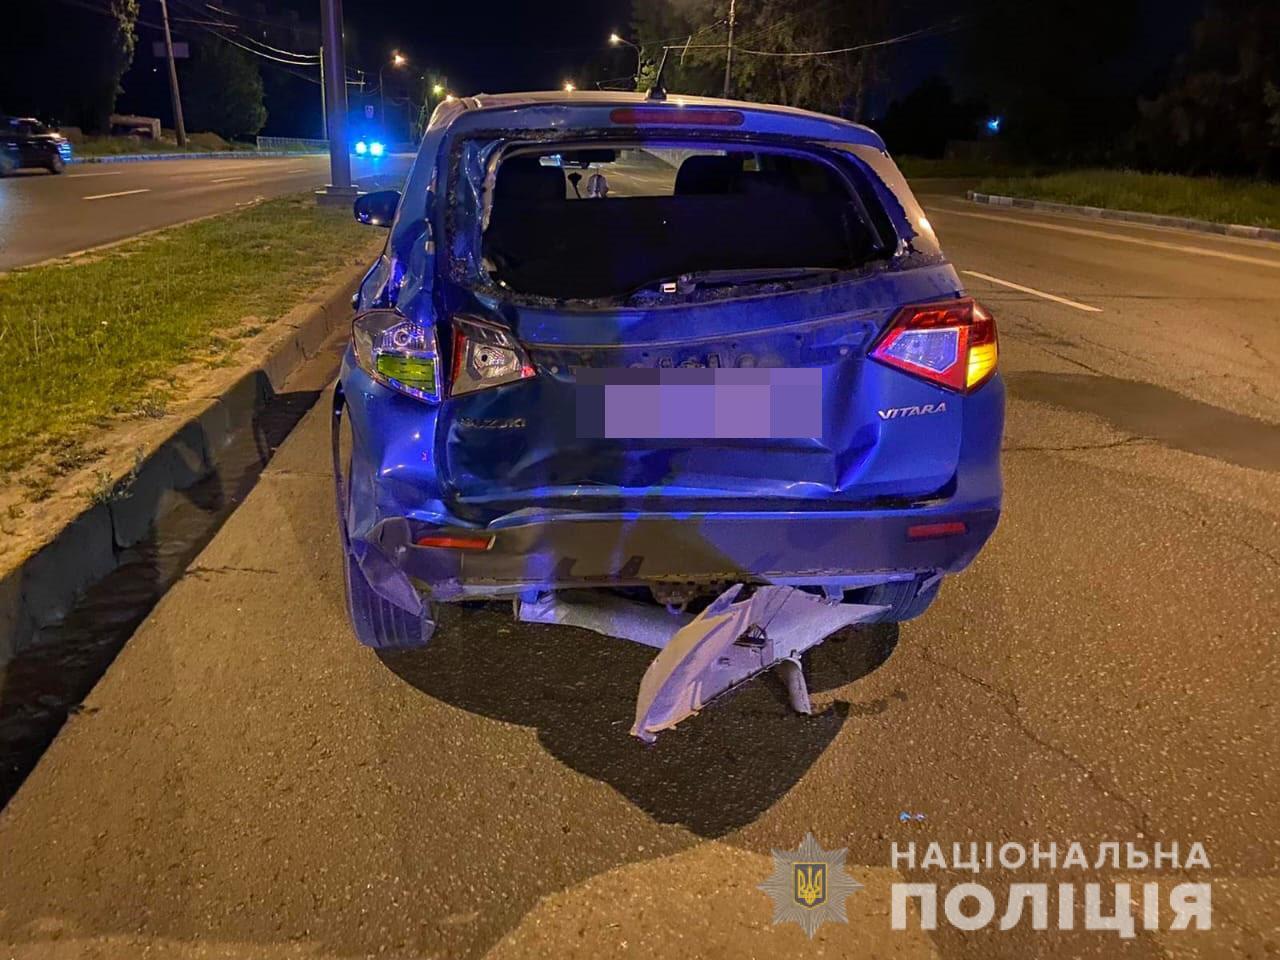 В Харькове столкнулись мотоцикл и легковушка